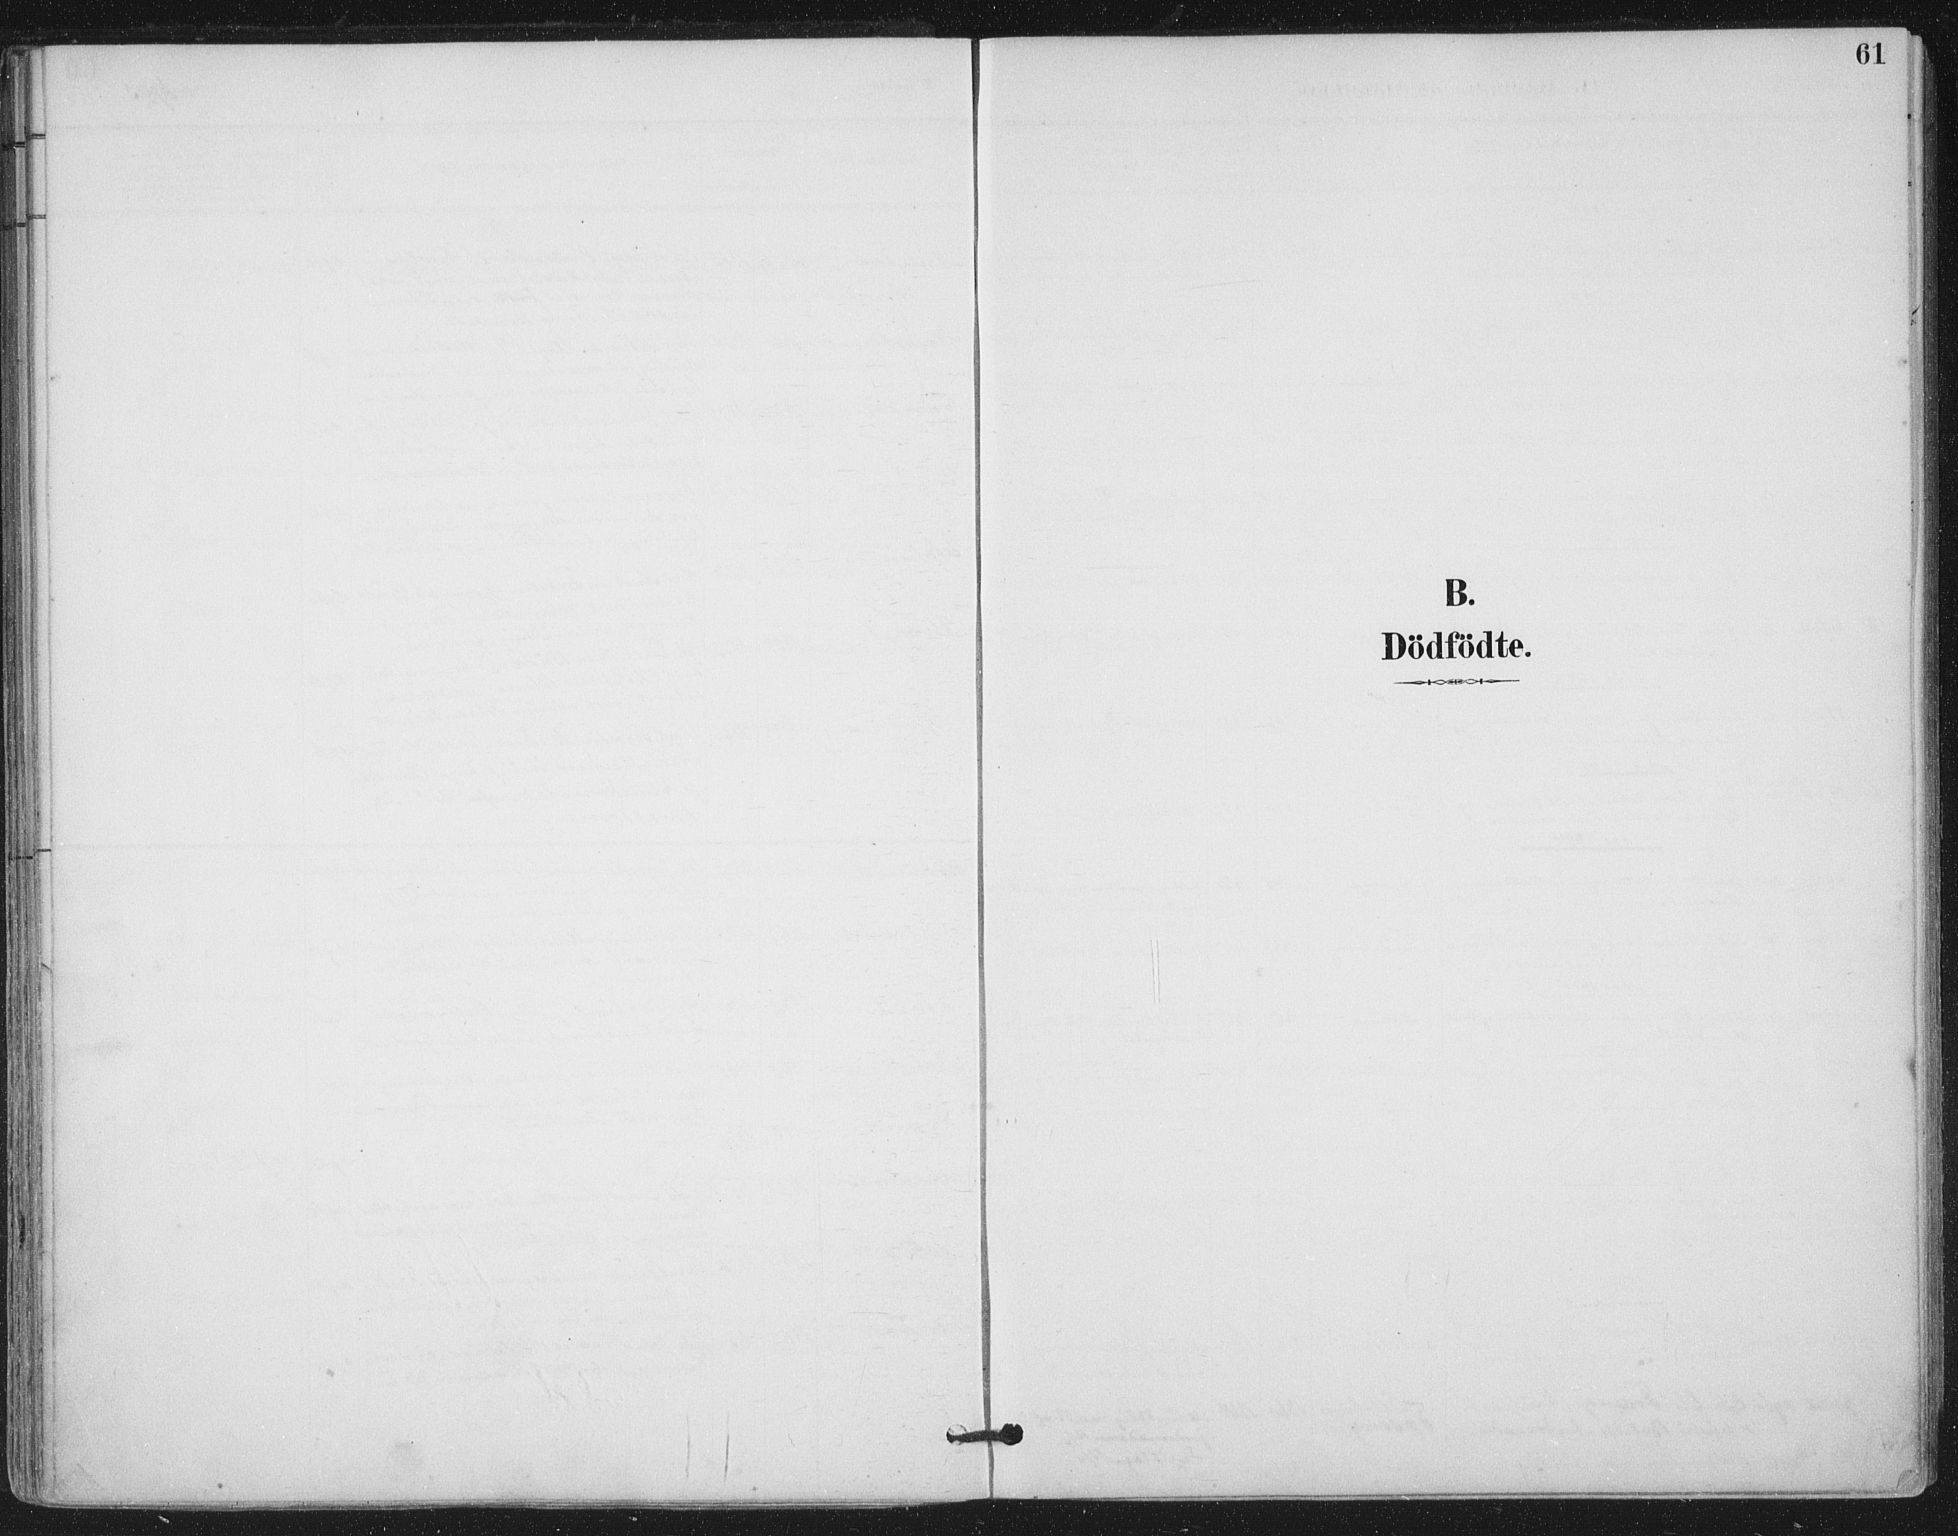 SAT, Ministerialprotokoller, klokkerbøker og fødselsregistre - Nord-Trøndelag, 780/L0644: Ministerialbok nr. 780A08, 1886-1903, s. 61